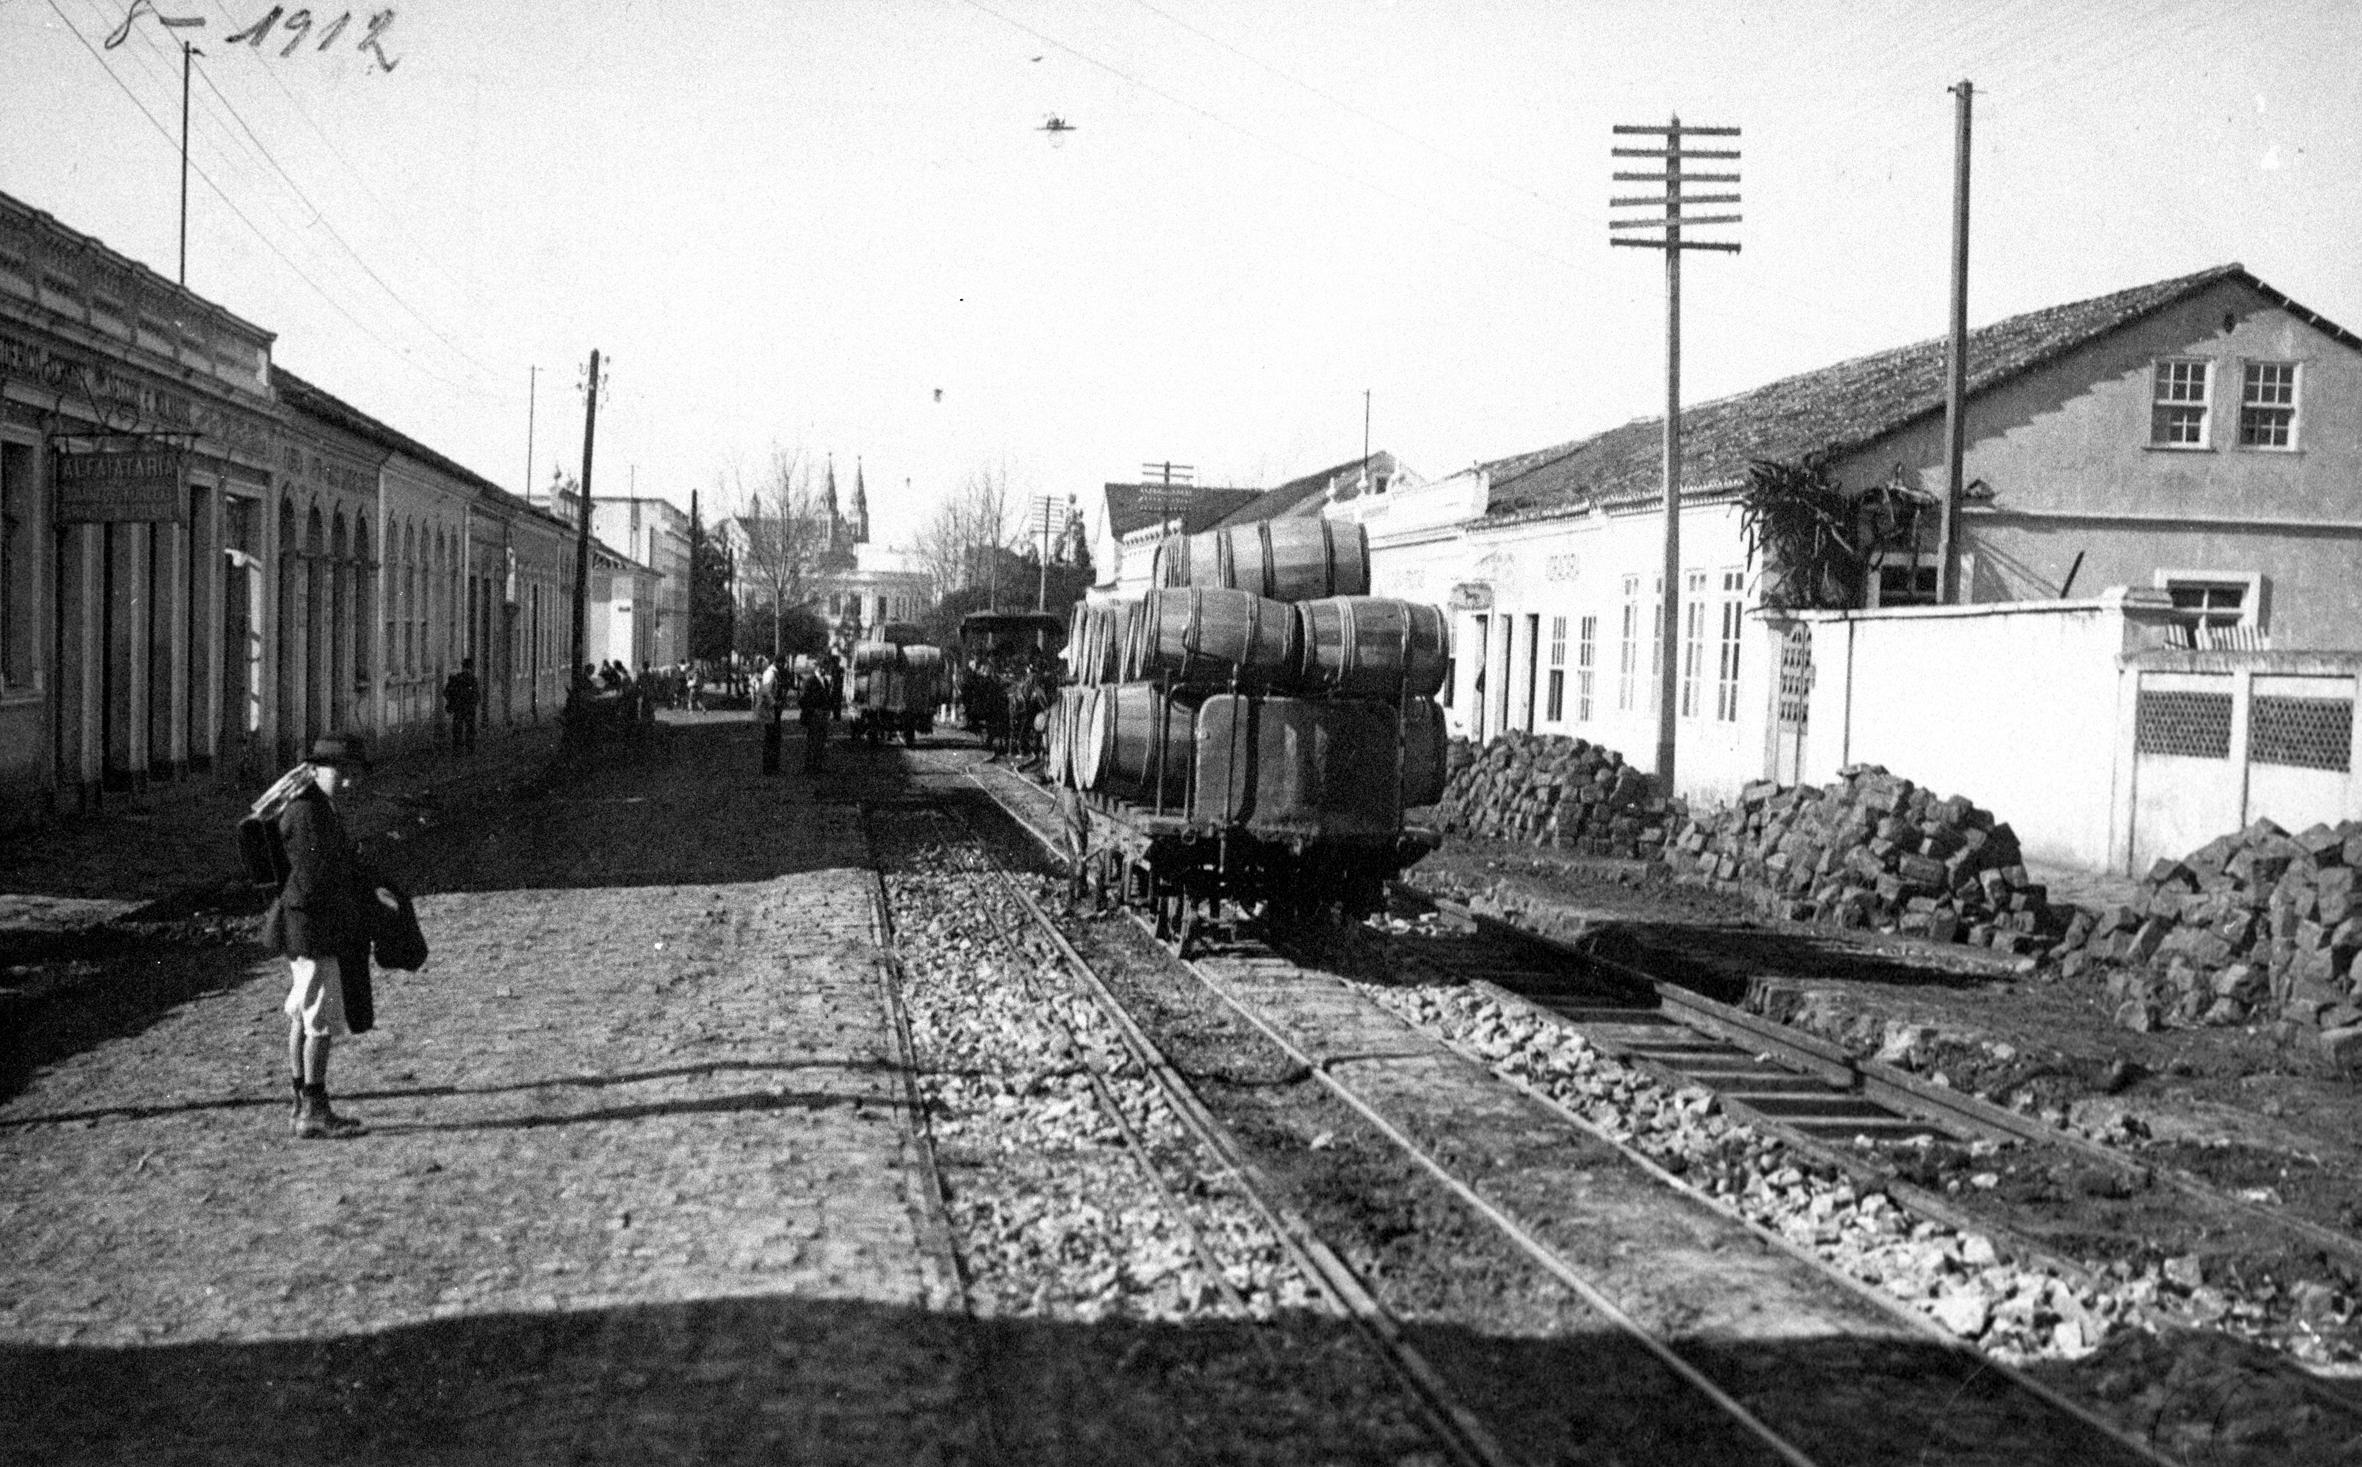 Rua Comendador Araújo, em 1912. Uma carroça transporta barricas nos trilhos do bonde.